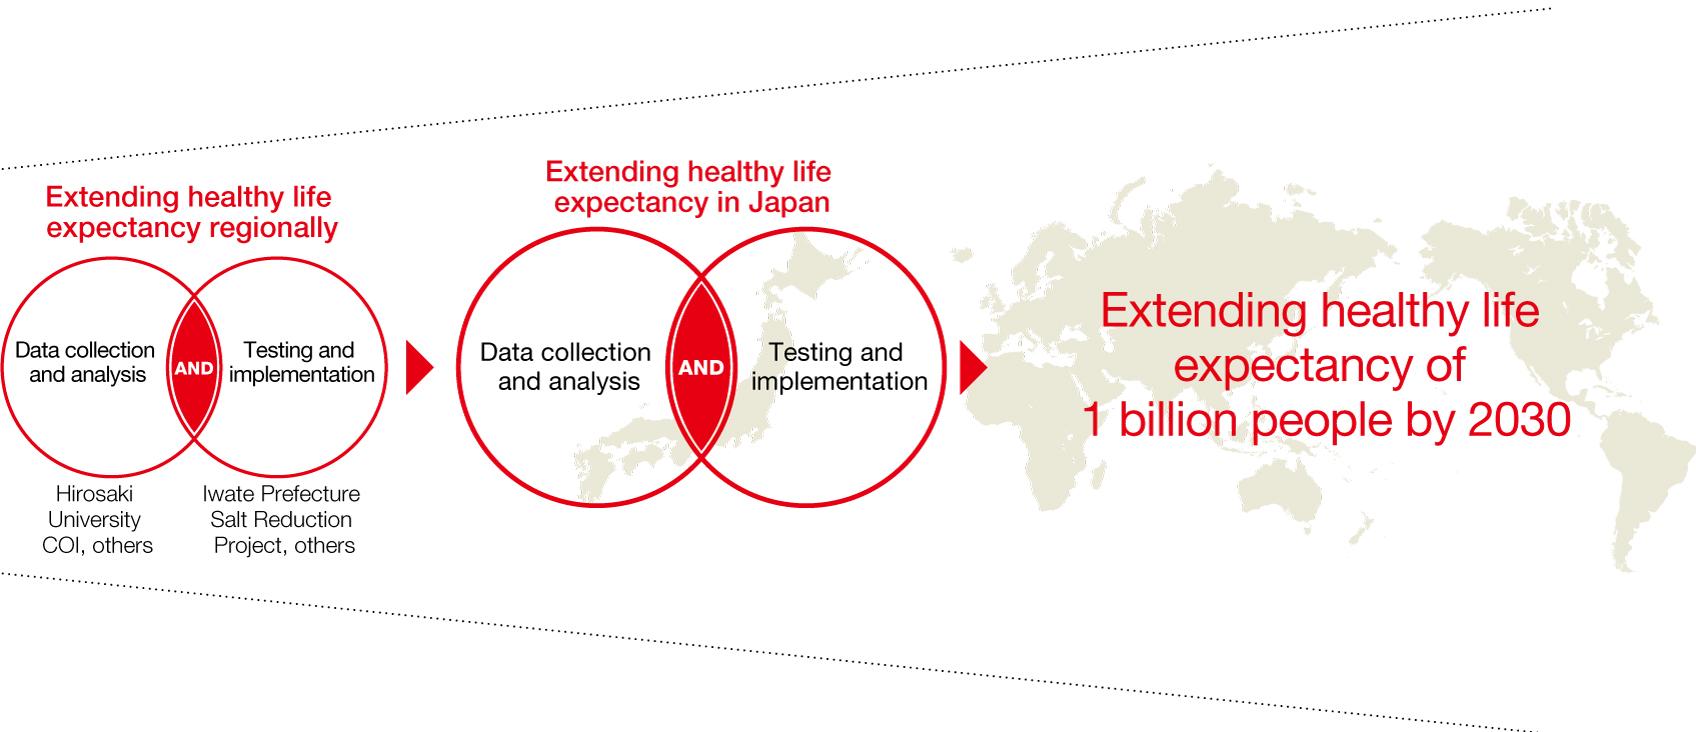 Allonger l'espérance de vie en bonne santé dans le monde